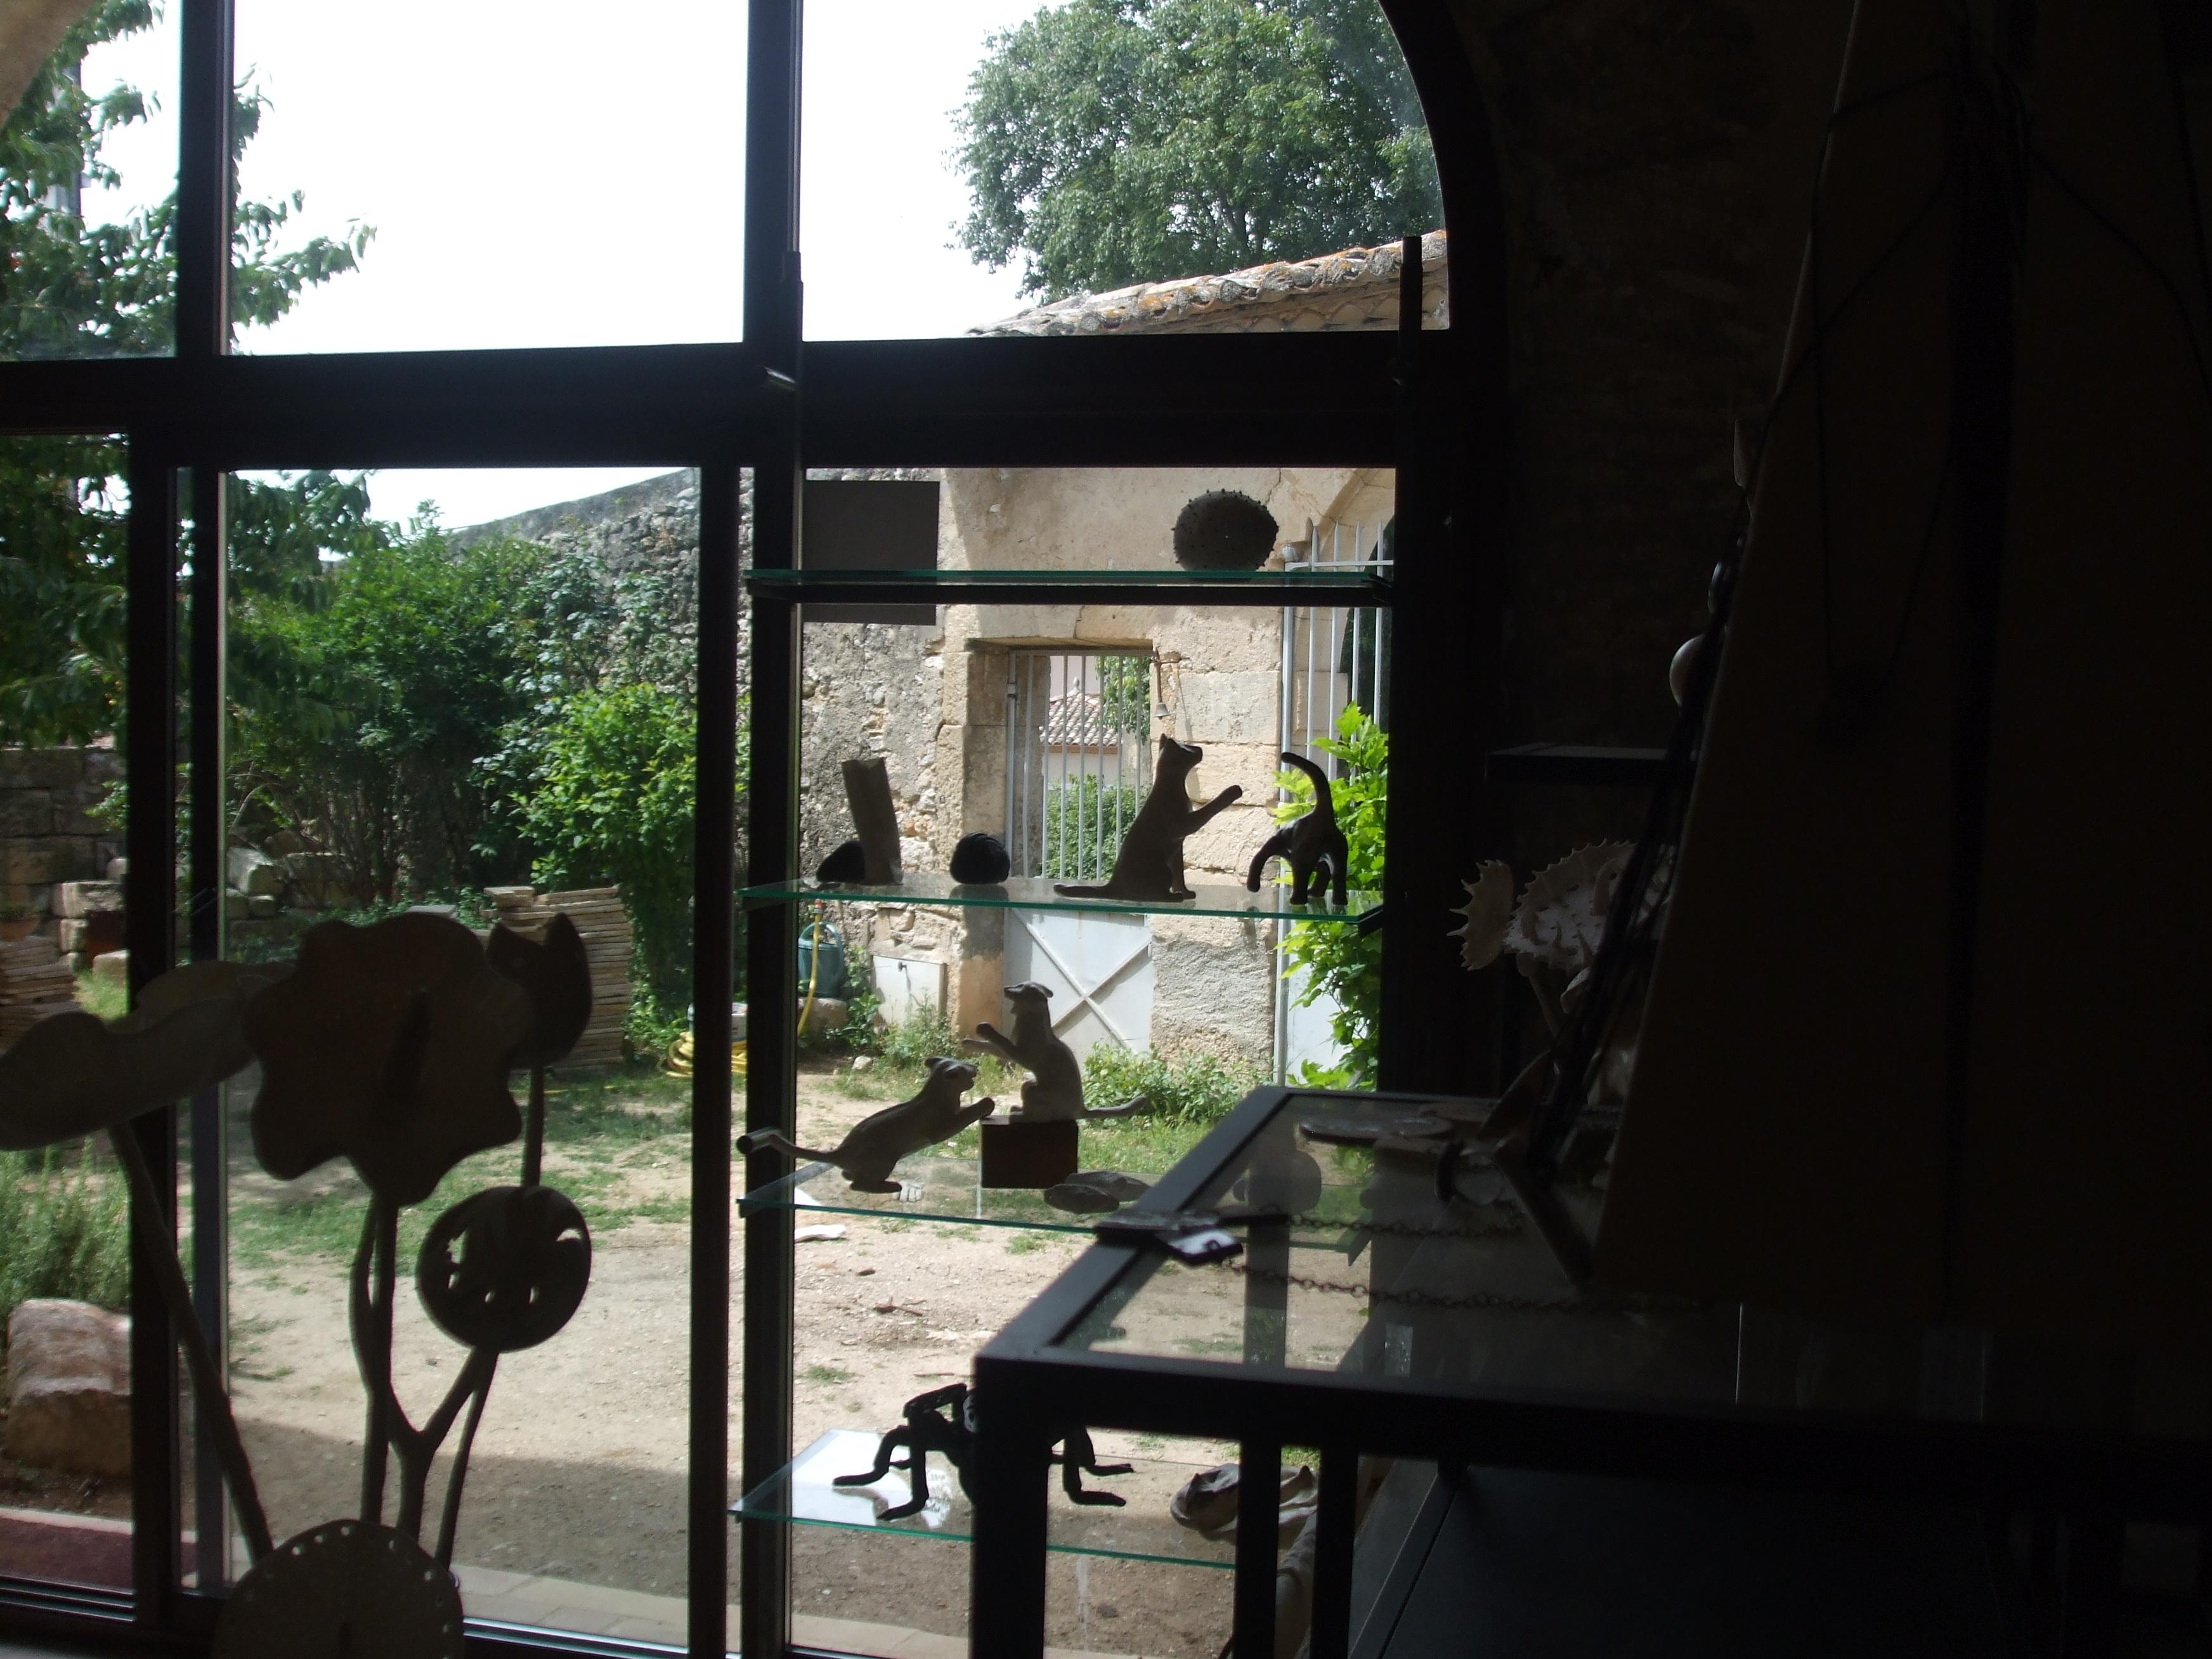 Journ e portes ouvertes l 39 atelier 7 juin laurence - Atelier chardon savard portes ouvertes ...